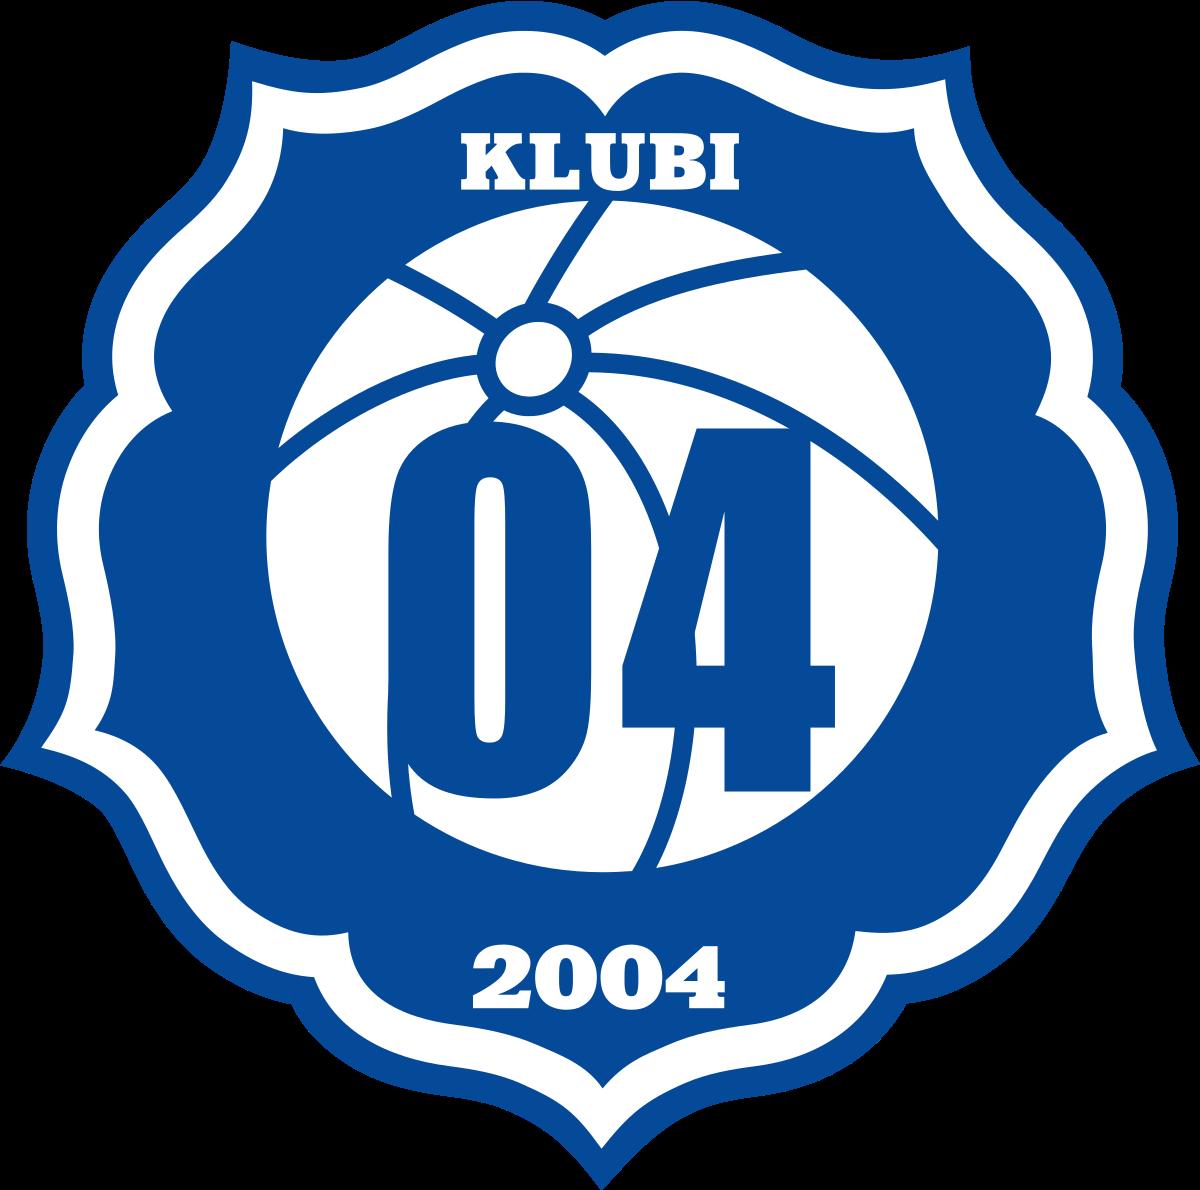 Klubi 04 - Logo